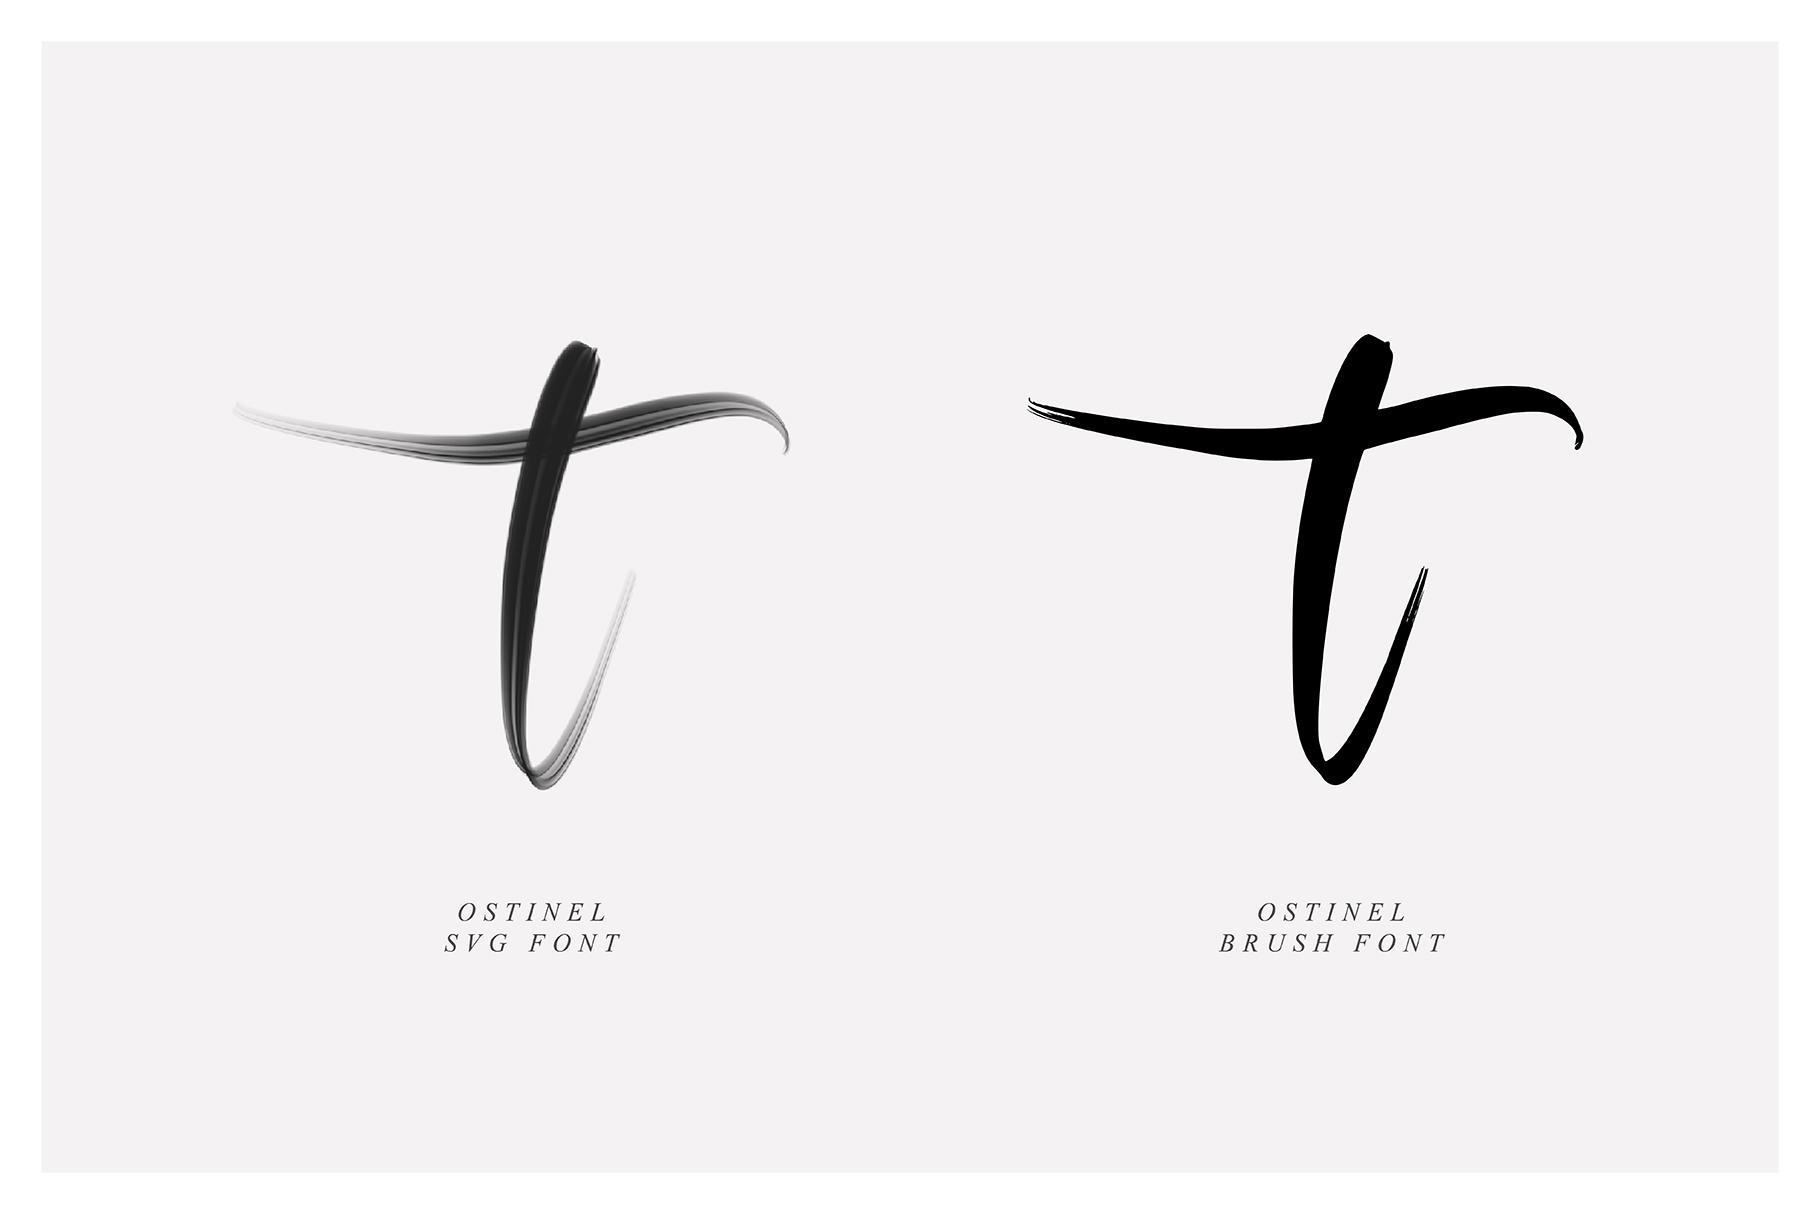 Ostinel SVG Font example image 4